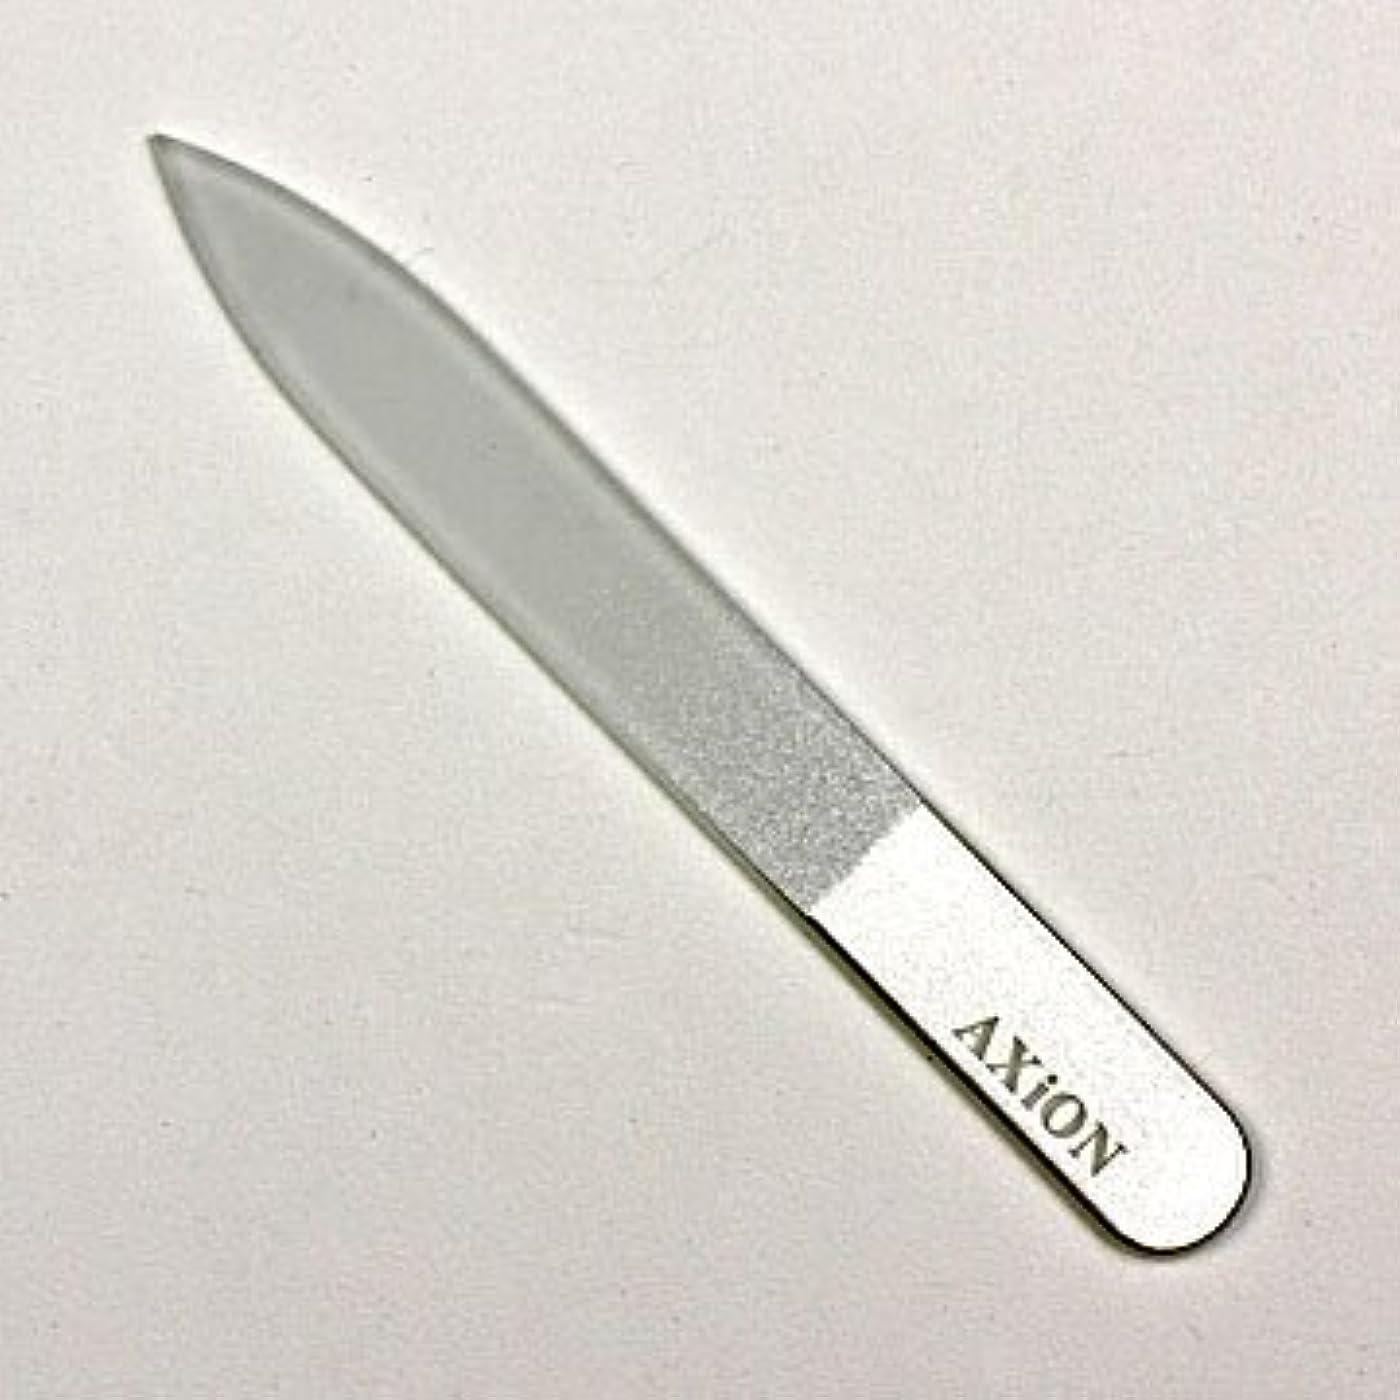 豊かなトーク華氏チェコ製 AXiON(アクシオン)ガラス製爪ヤスリ(シルバー)両面タイプ #slg009565fba